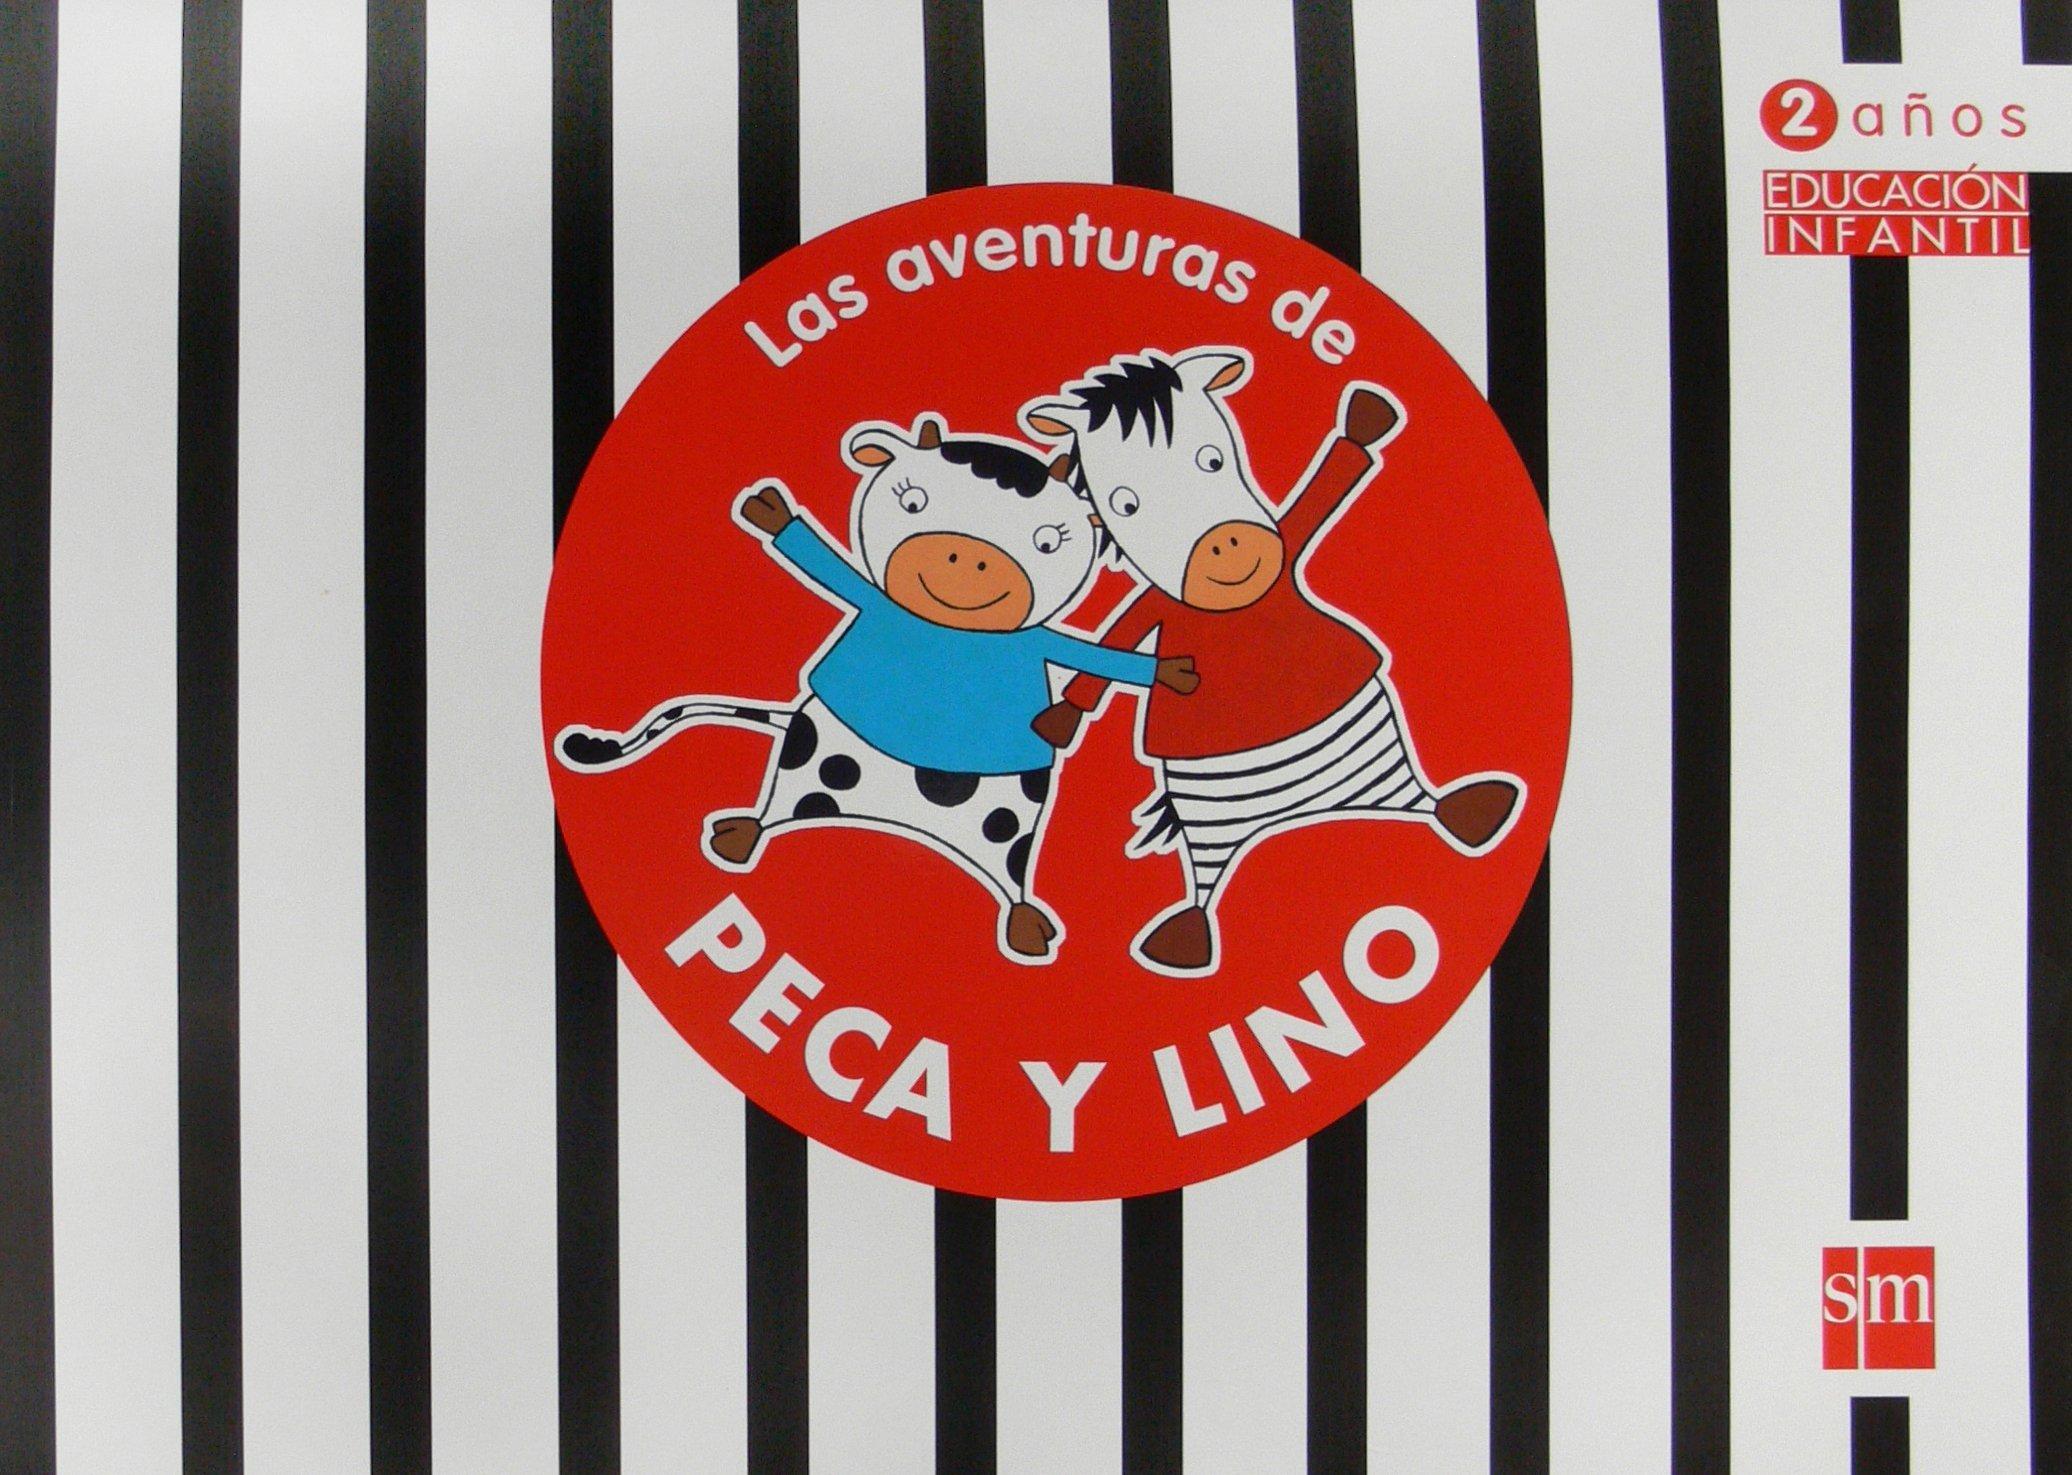 Las aventuras de Peca y Lino. Educación Infantil, 2 años PDF